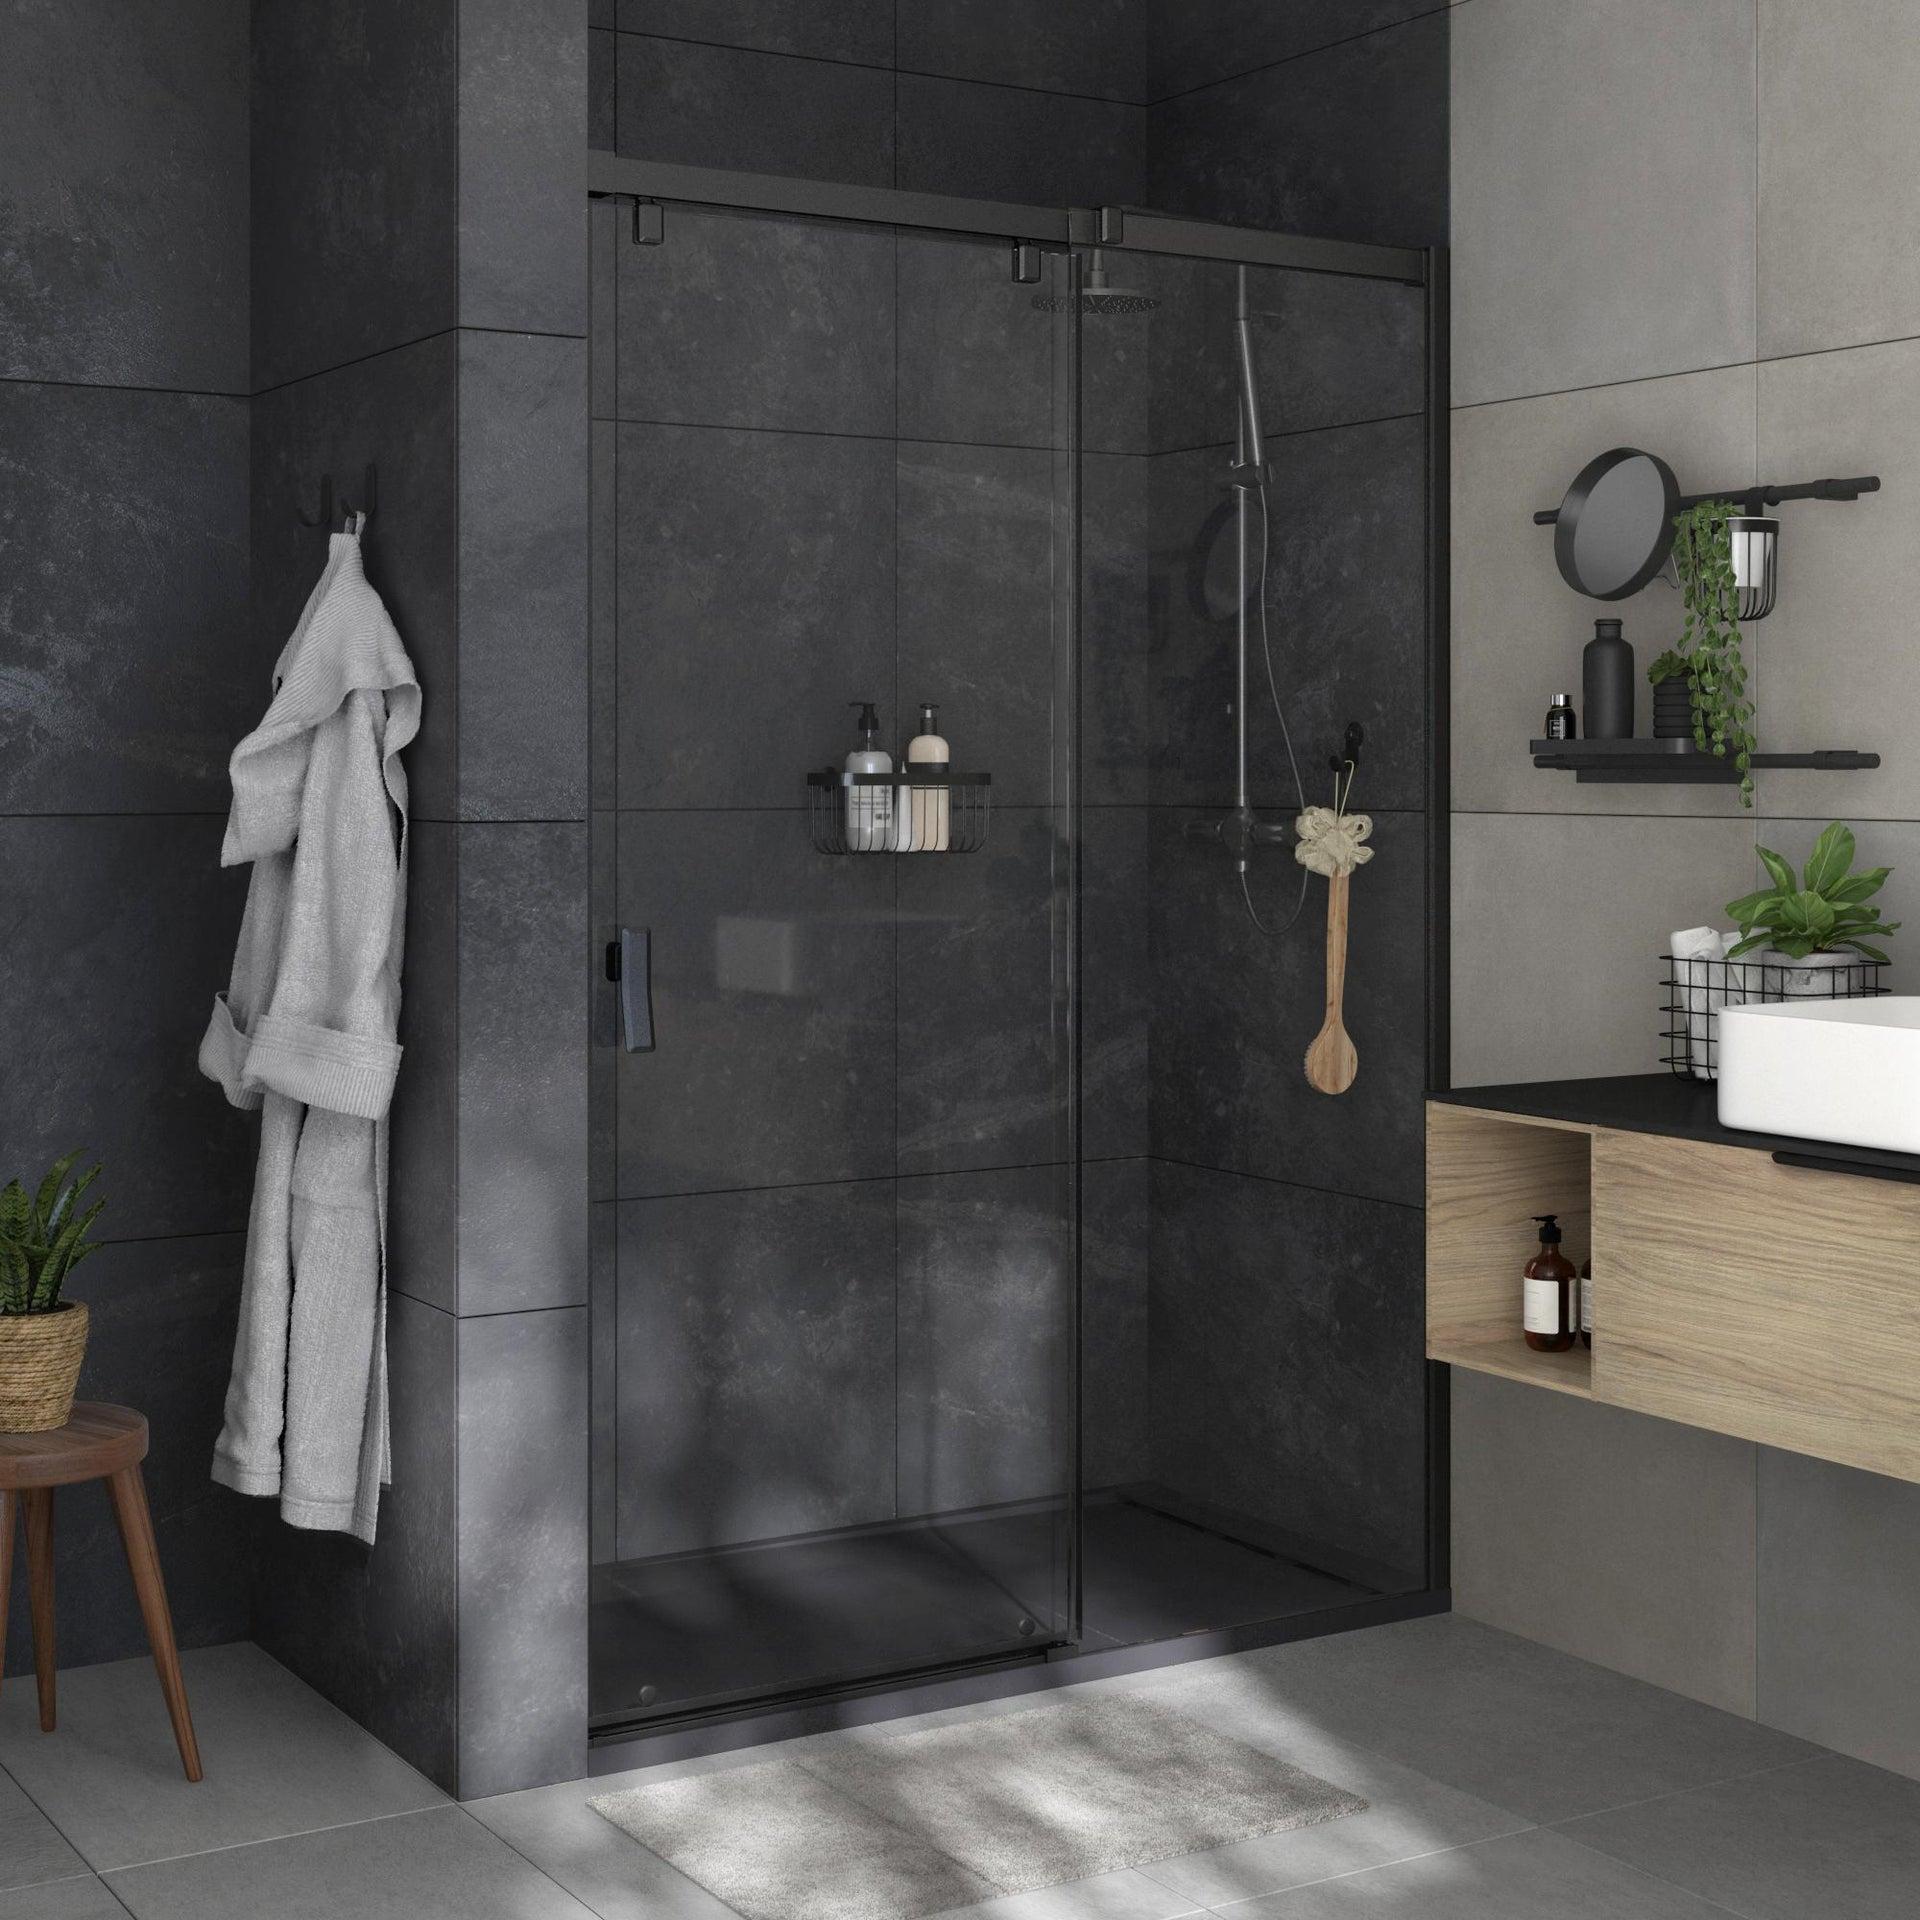 Box doccia angolare porta scorrevole e lato fisso rettangolare Neo 140 x 80 cm, H 200 cm in vetro temprato, spessore 8 mm trasparente nero